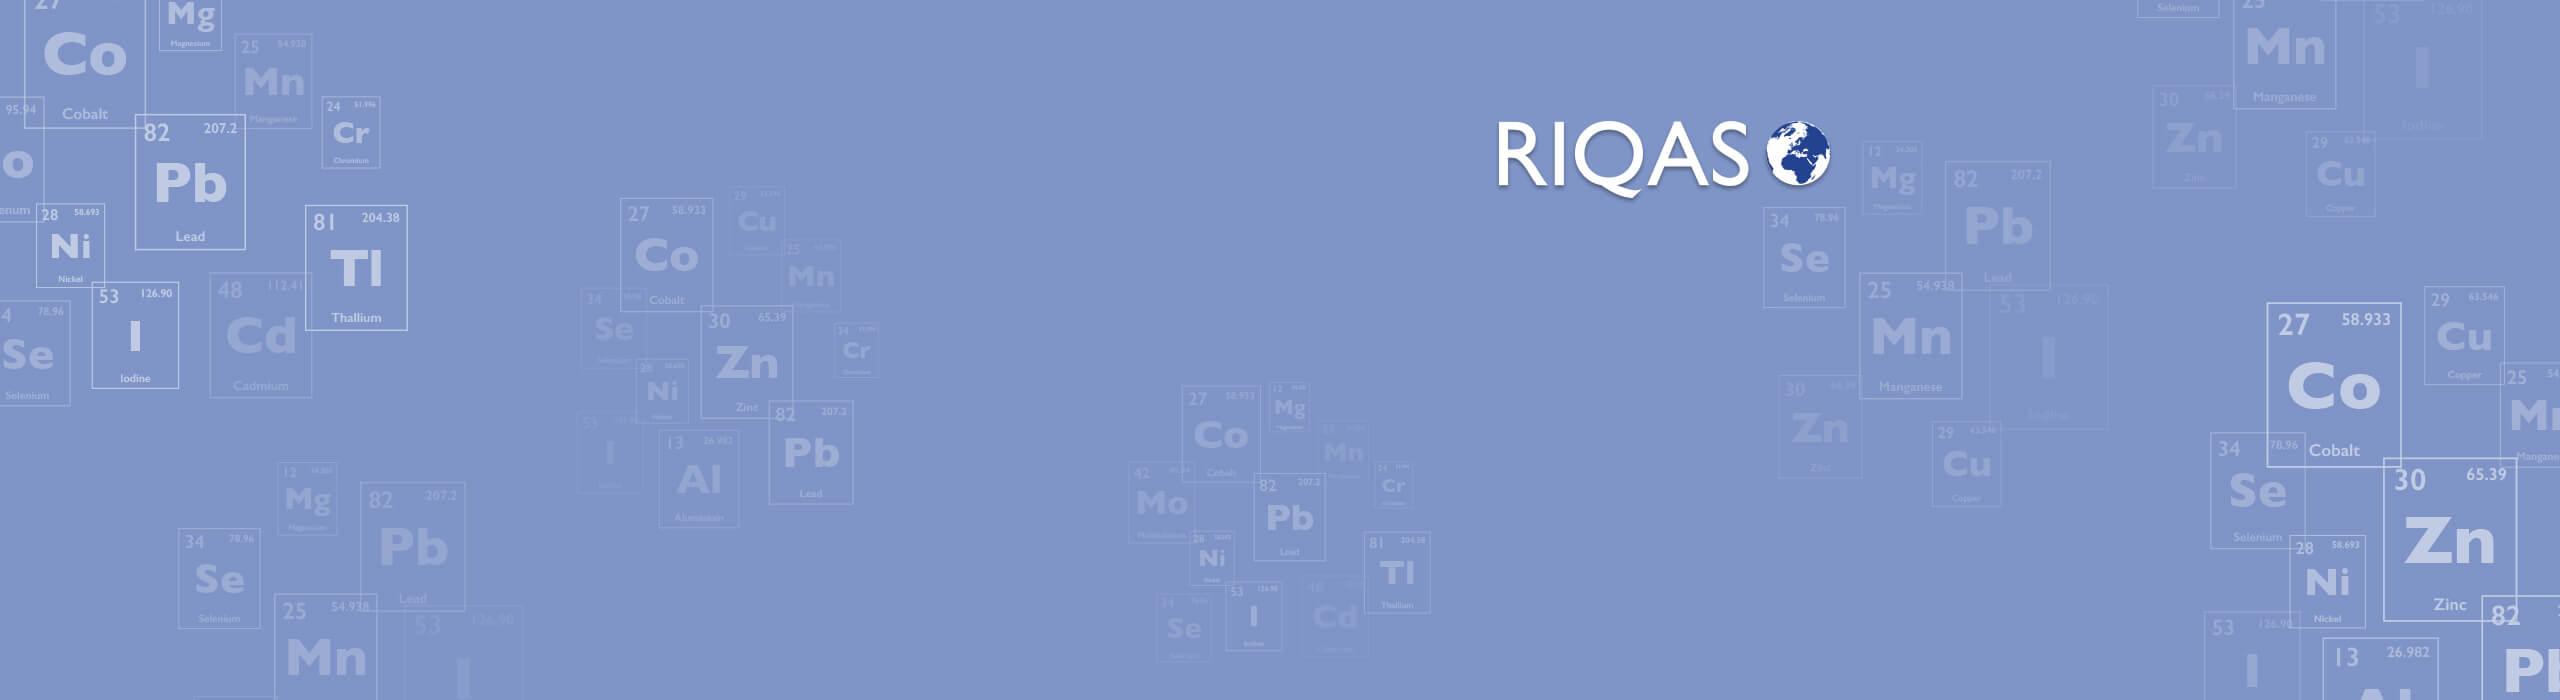 RIQAS-programmes